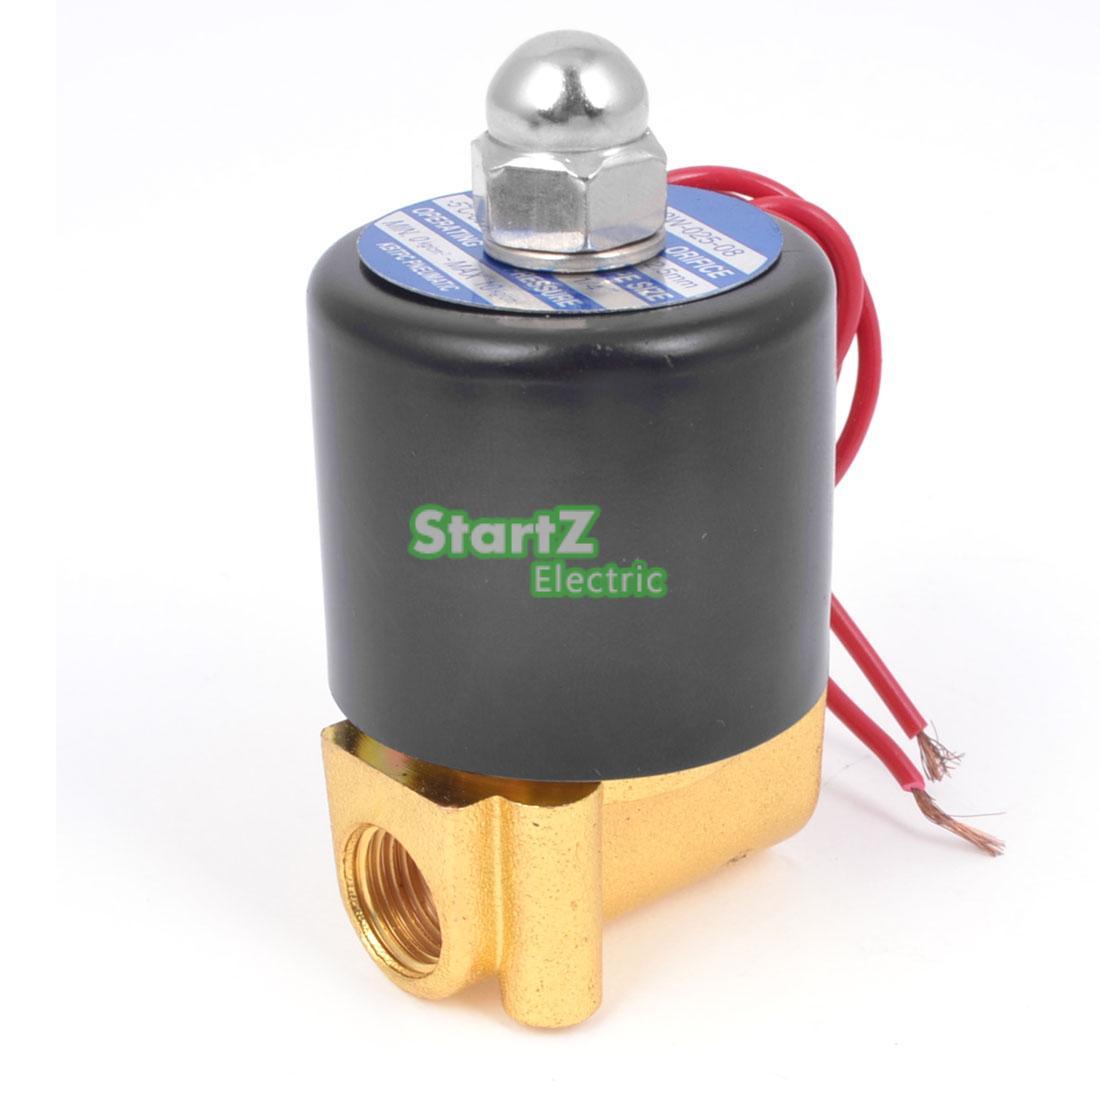 1/8 Electric Solenoid Valve Water Air N/C Gas Water Air 2W025-06 DC12V DC24V AC110V AC220V 3 8 electric solenoid valve water air n c all brass valve body 2w040 10 dc12v ac110v